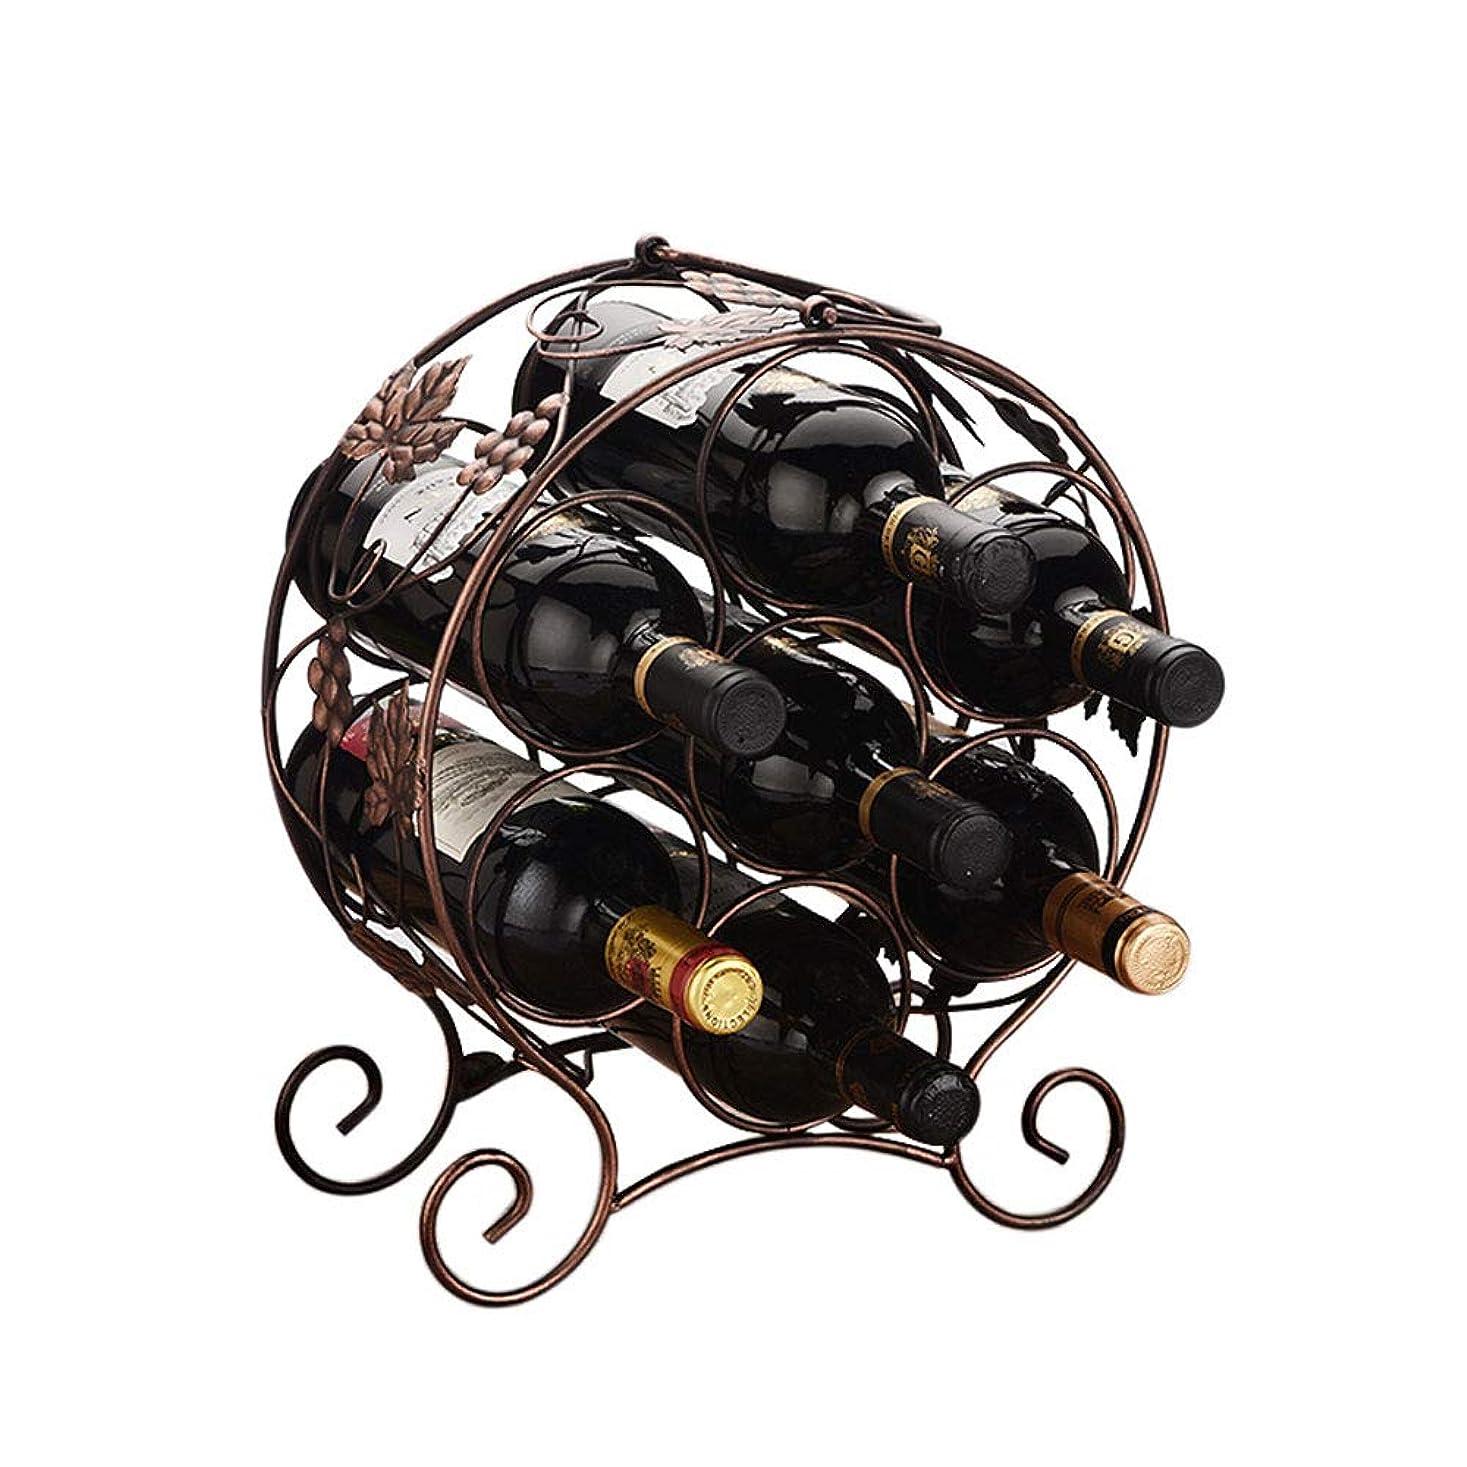 みなす儀式短命ポータブル錬鉄製のワインラック、ユニークなパターンの彫刻デザイン、赤ワインの7本、2色から選ぶことができる(ダークブラウン、ブロンズ) (色 : ブロンズ)